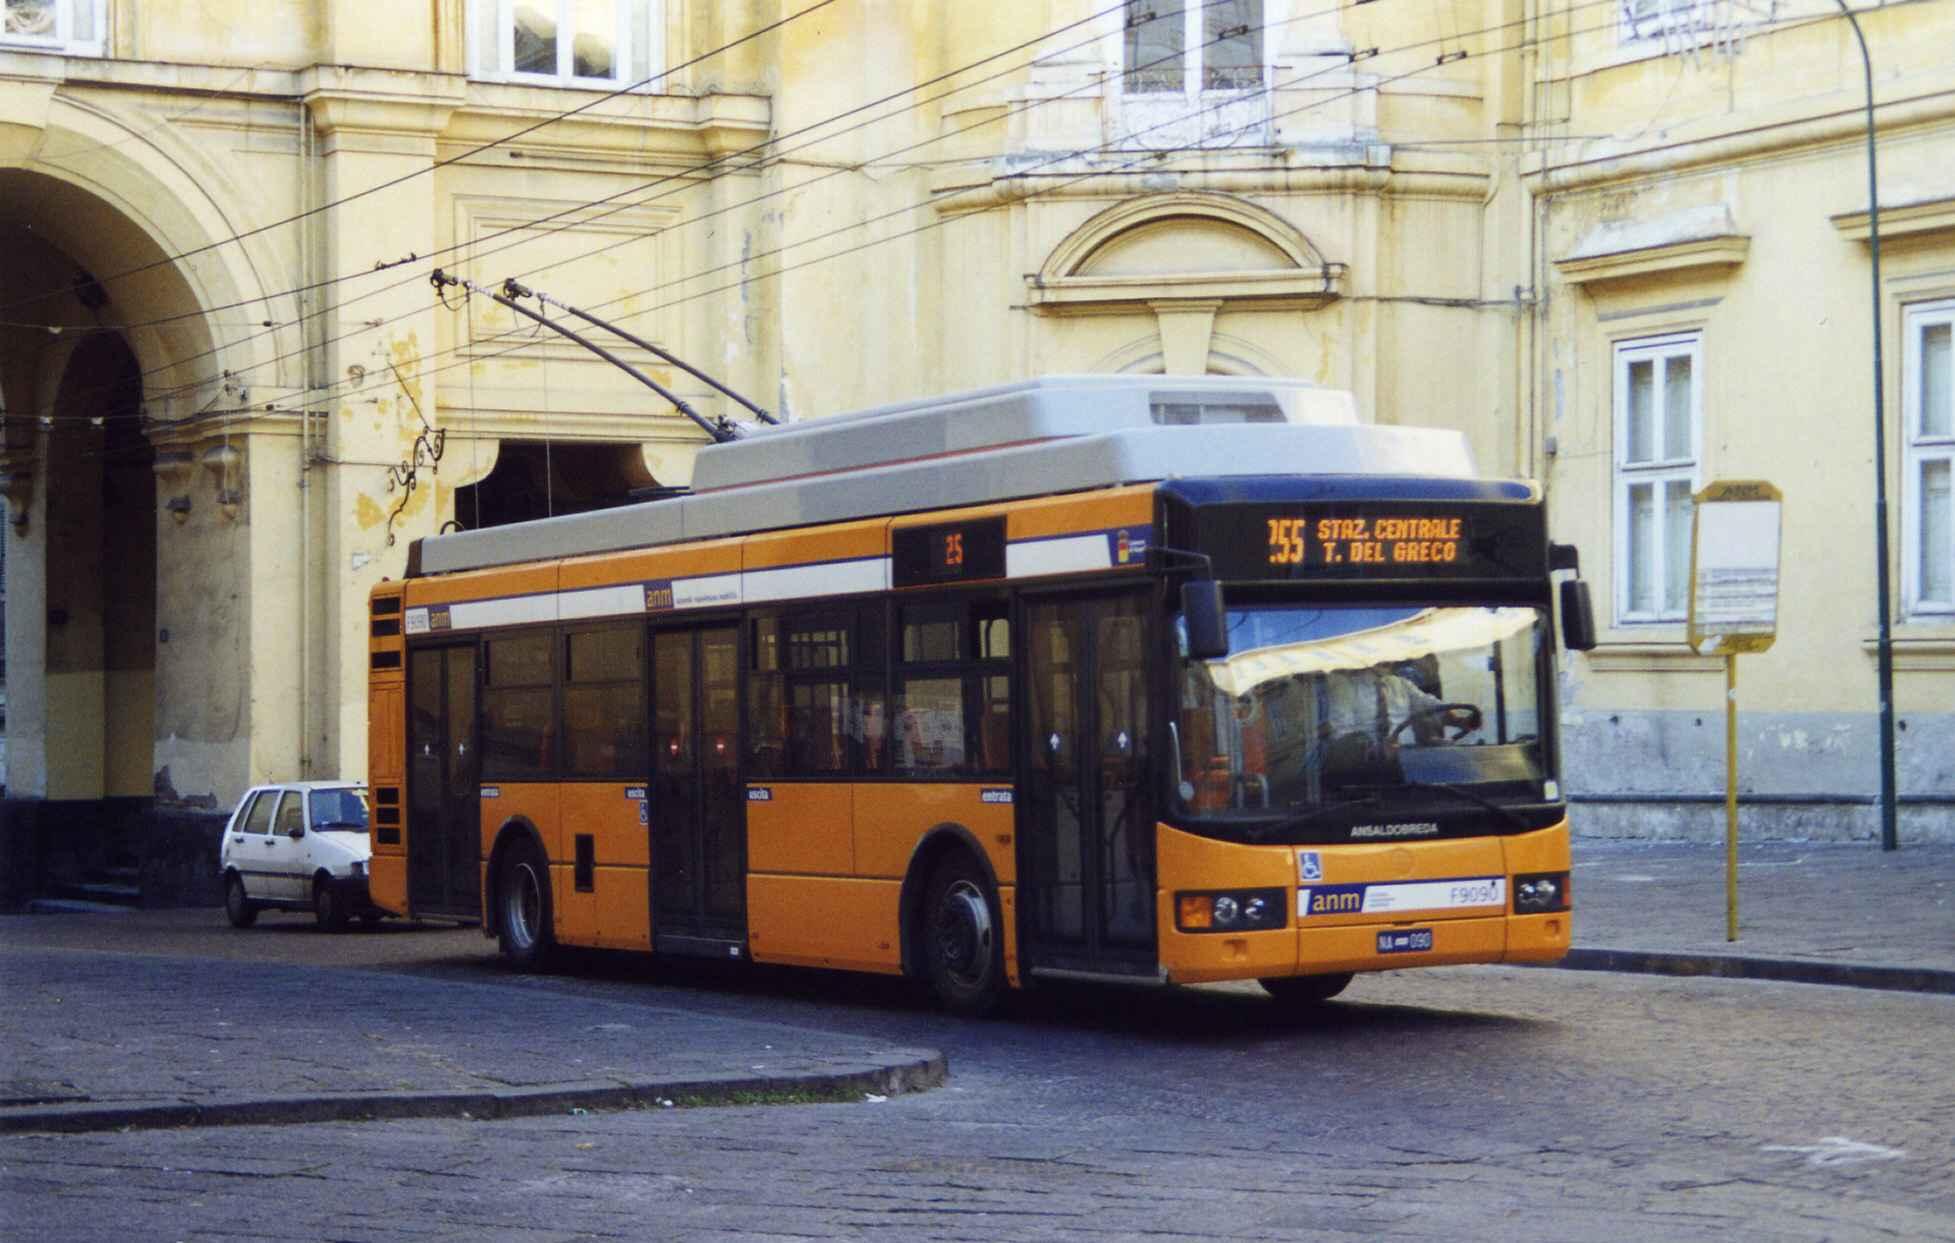 Napoli, autista di filobus accoltellato mentre guida. Un arresto